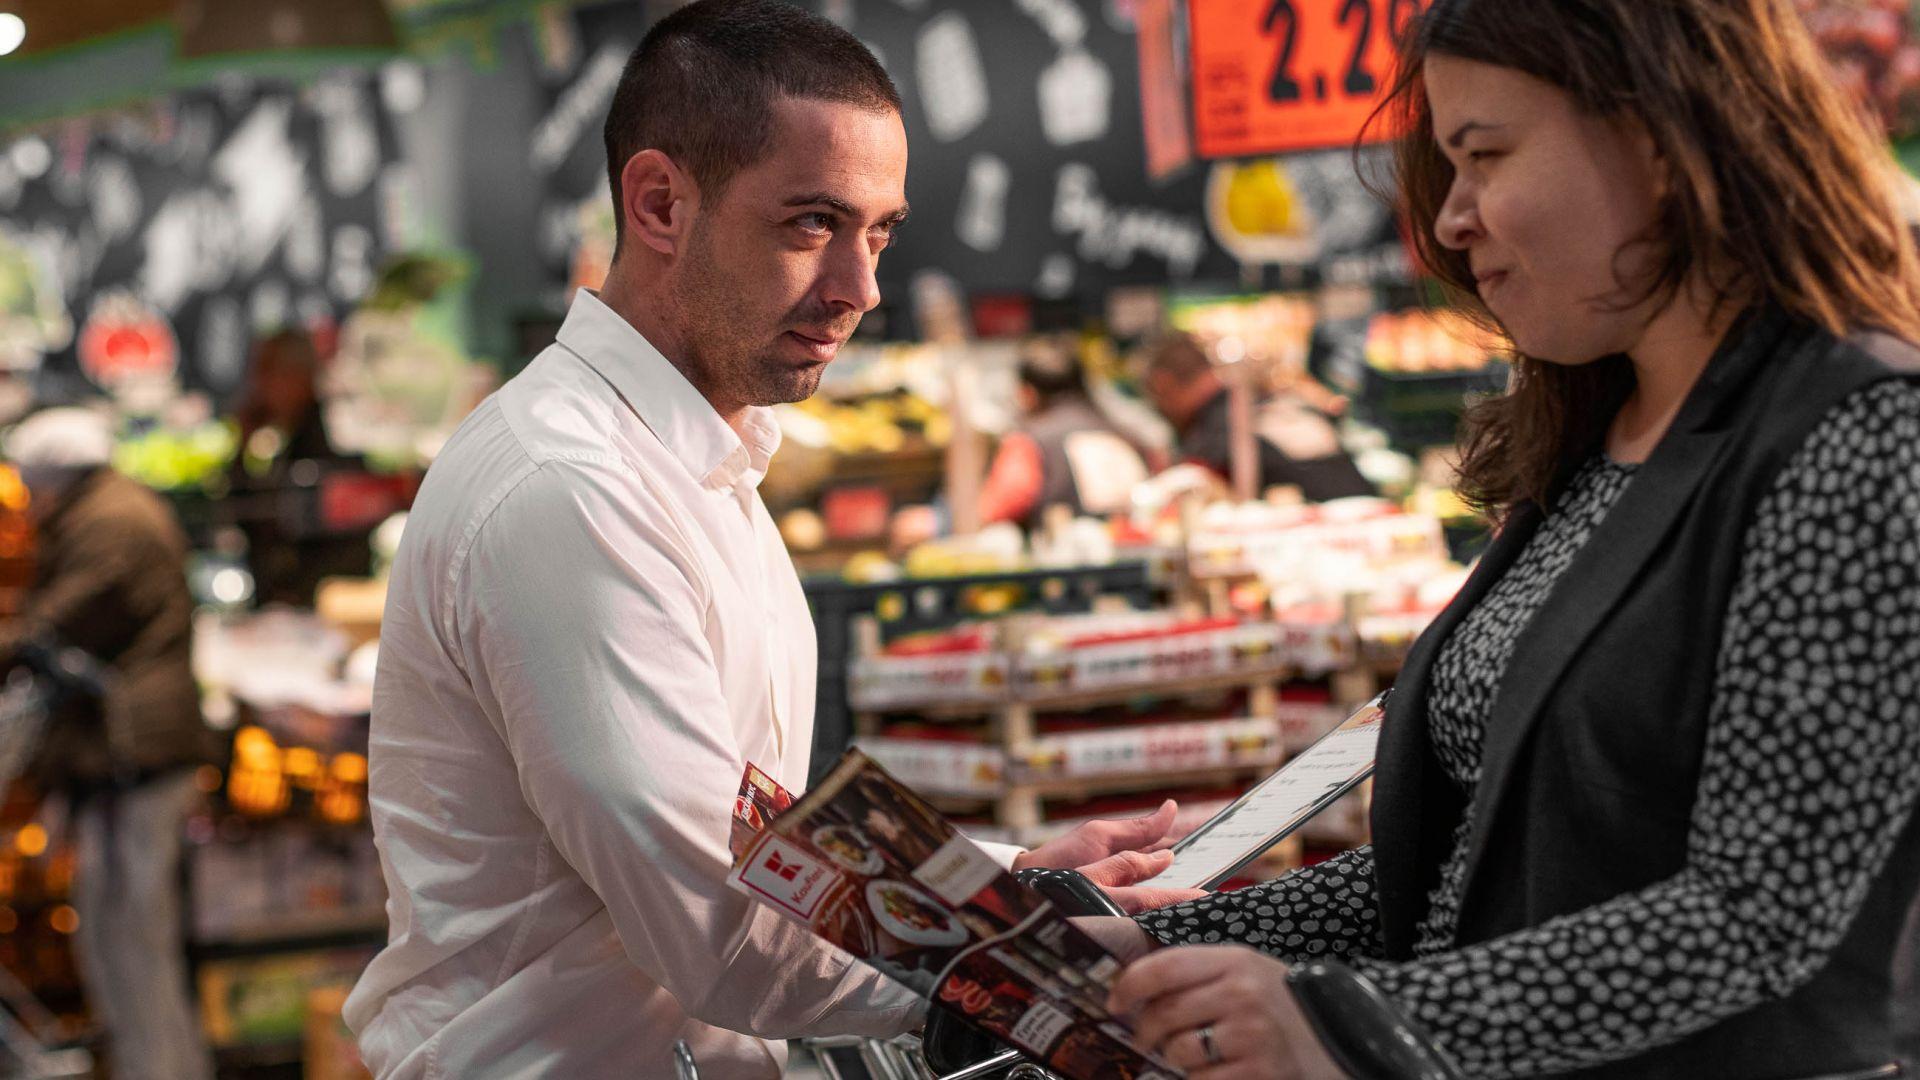 Коледно шопинг предизвикателство: мъже срещу жени. Кой е по-бърз?